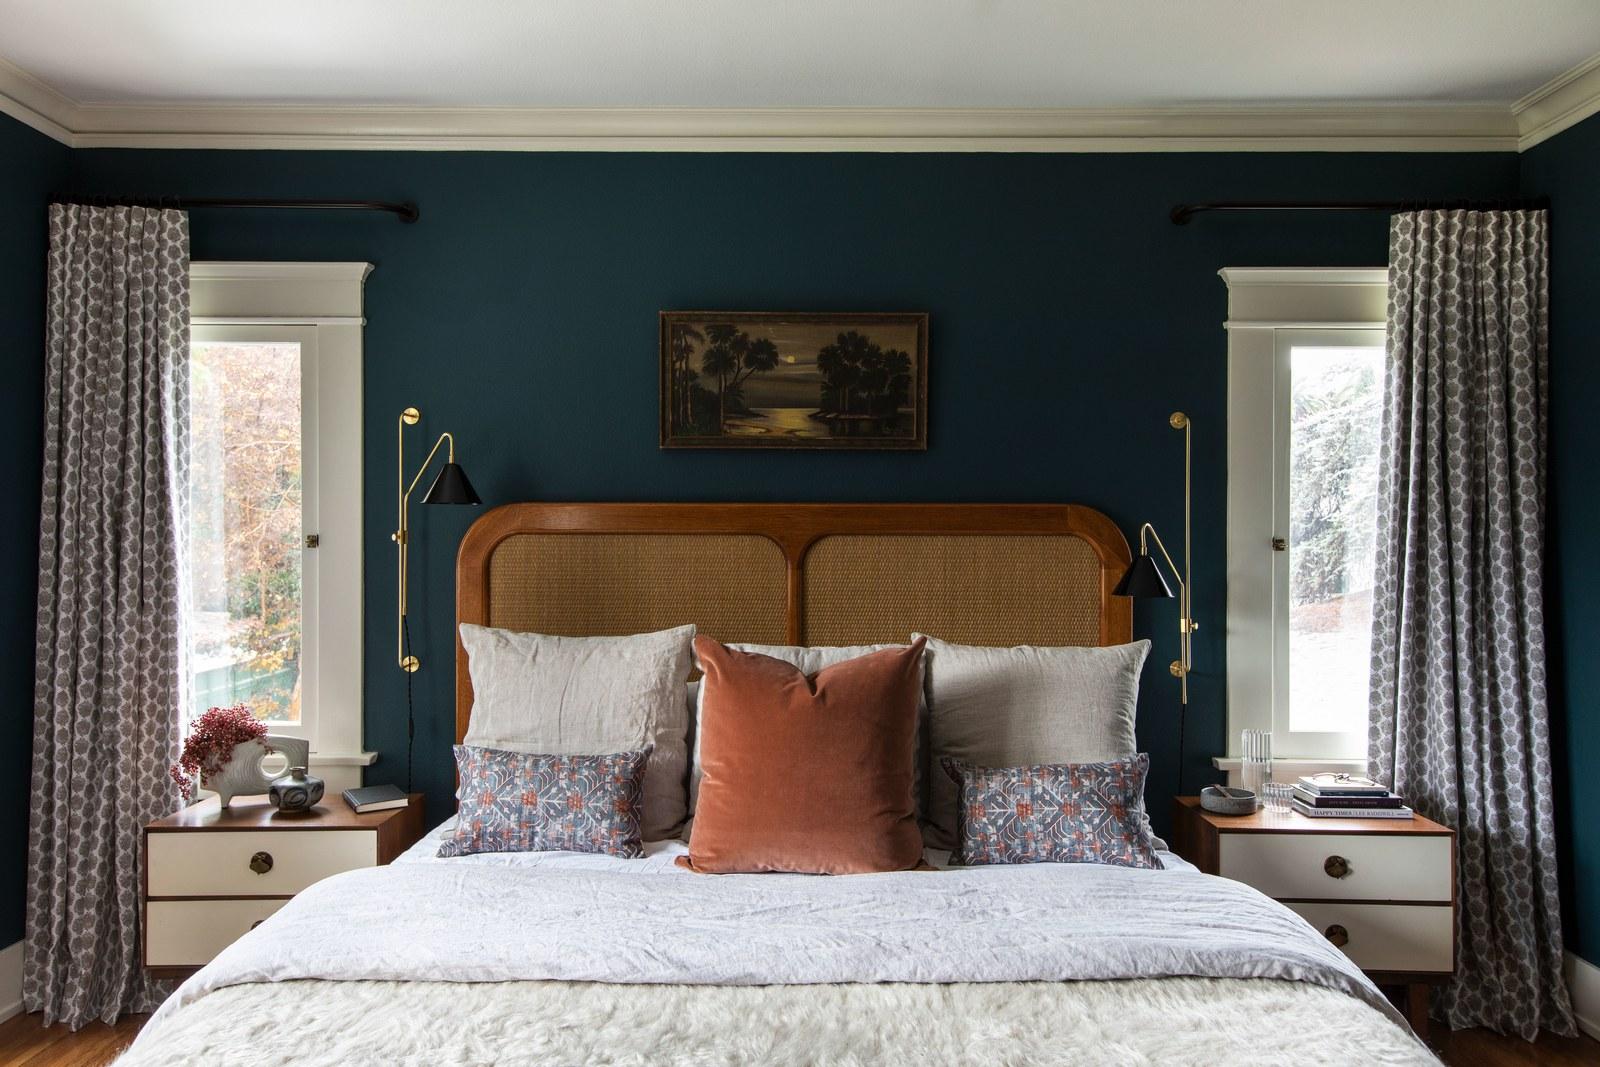 lit midcentury et sarcelle bleu foncé dans la chambre à coucher | visite de maison d'artisan historique moderne jacey duprie